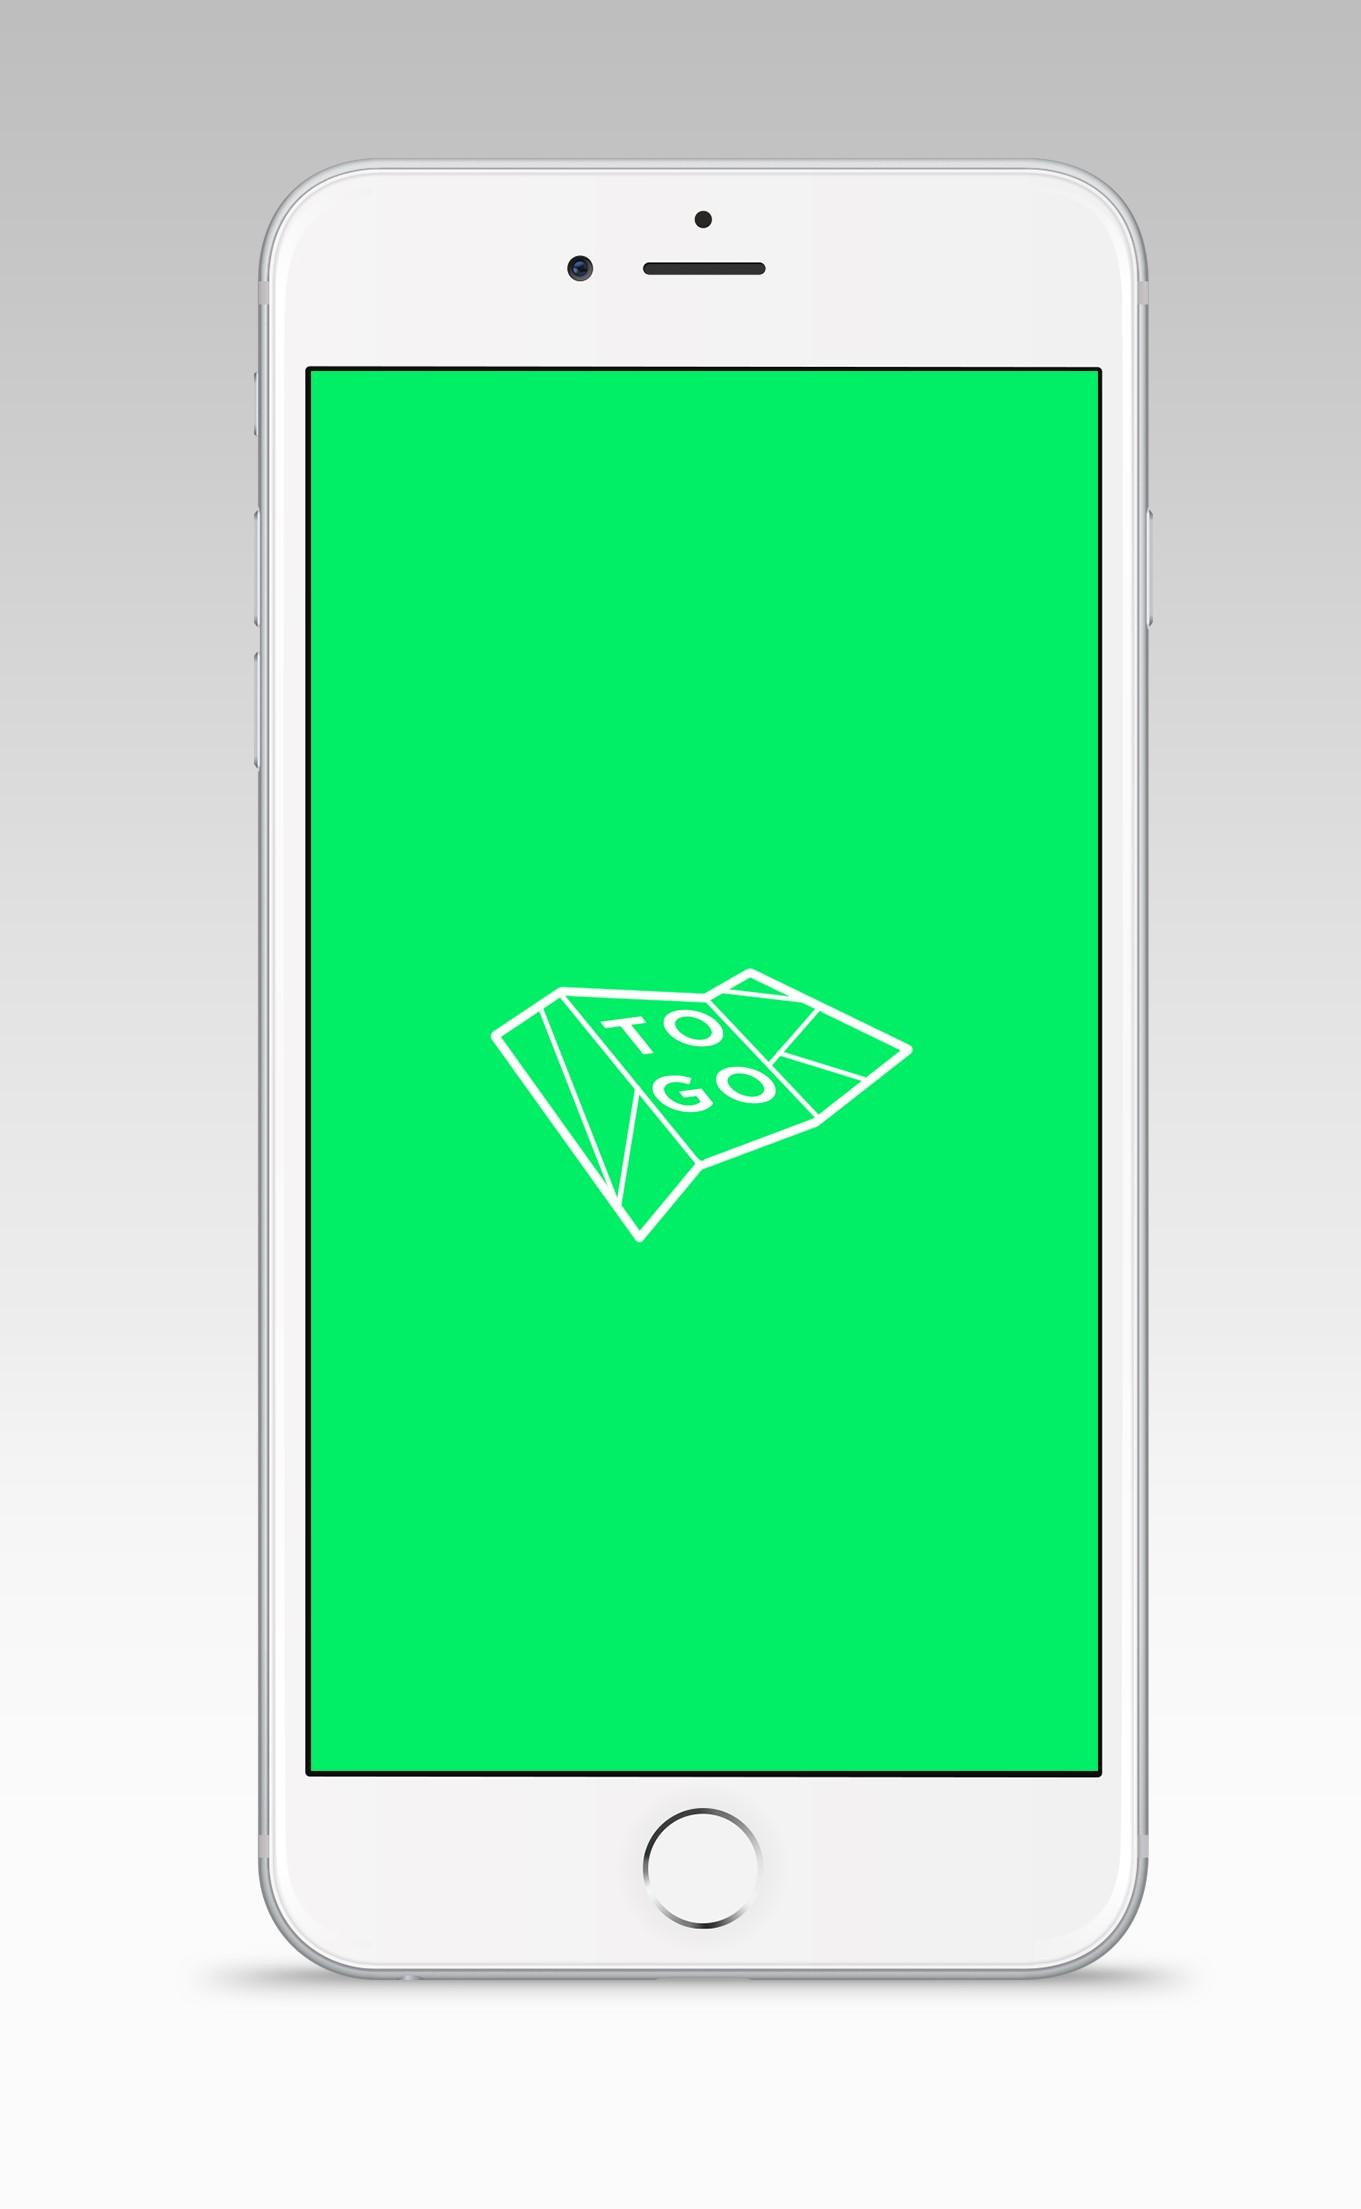 Разработать логотип и экран загрузки приложения фото f_5355a8d5e6628b23.jpg